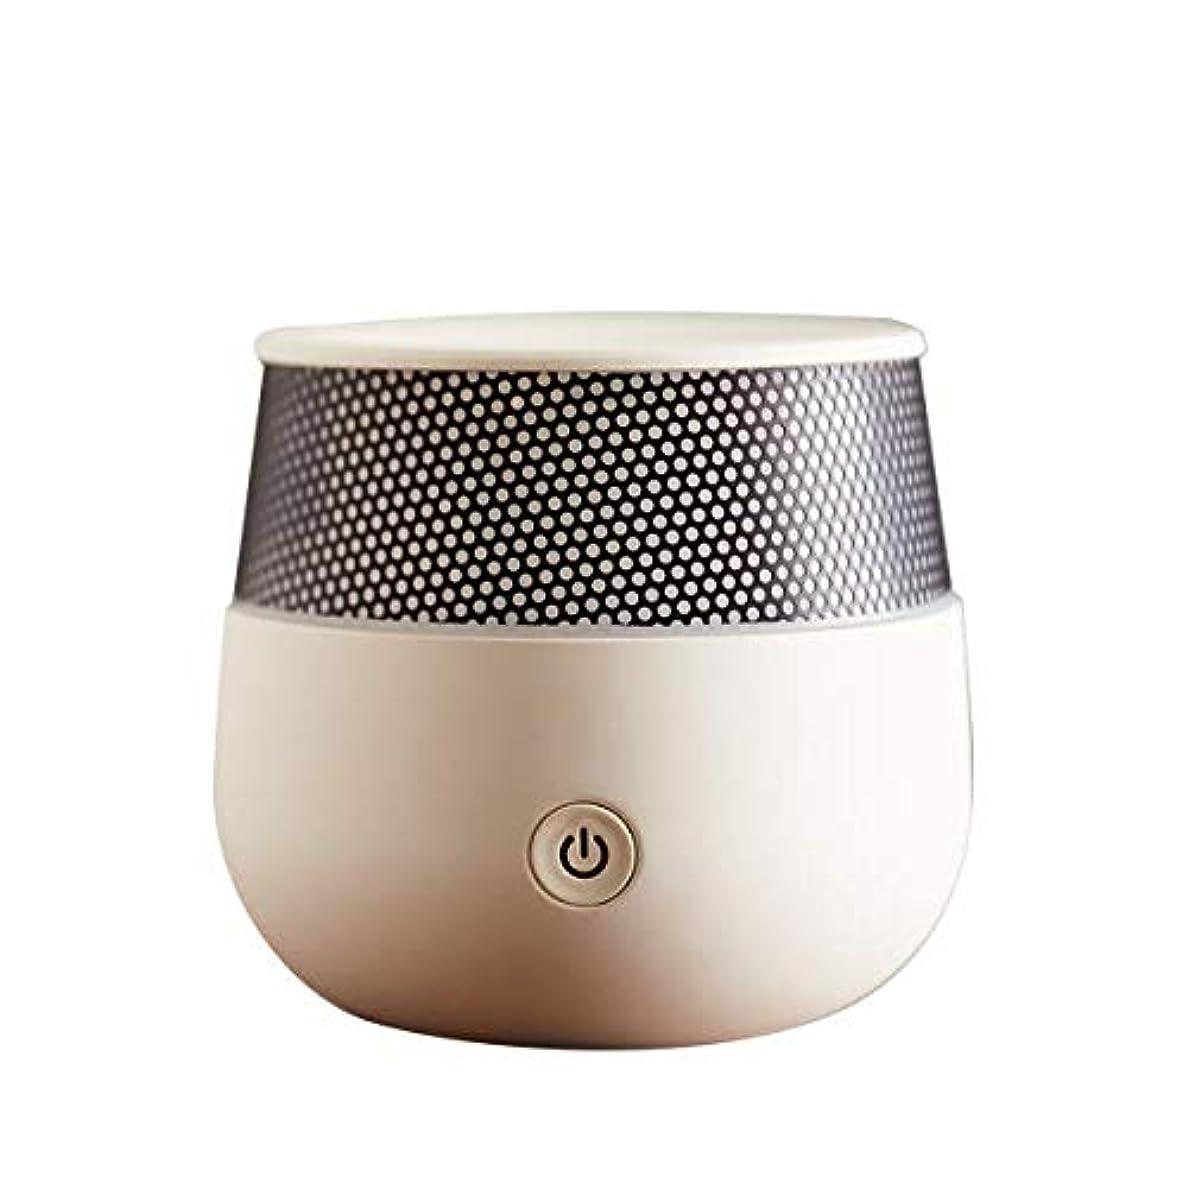 忌み嫌う瀬戸際賭けアロマディフューザー URUON-AROMA01 卓上 小型 加湿器 Uruon(ウルオン) 超音波加湿器 オーガニックアロマオイル対応 天然アロマオイル AROMA スリム アロマライト 7色セラピーグラデーションライト